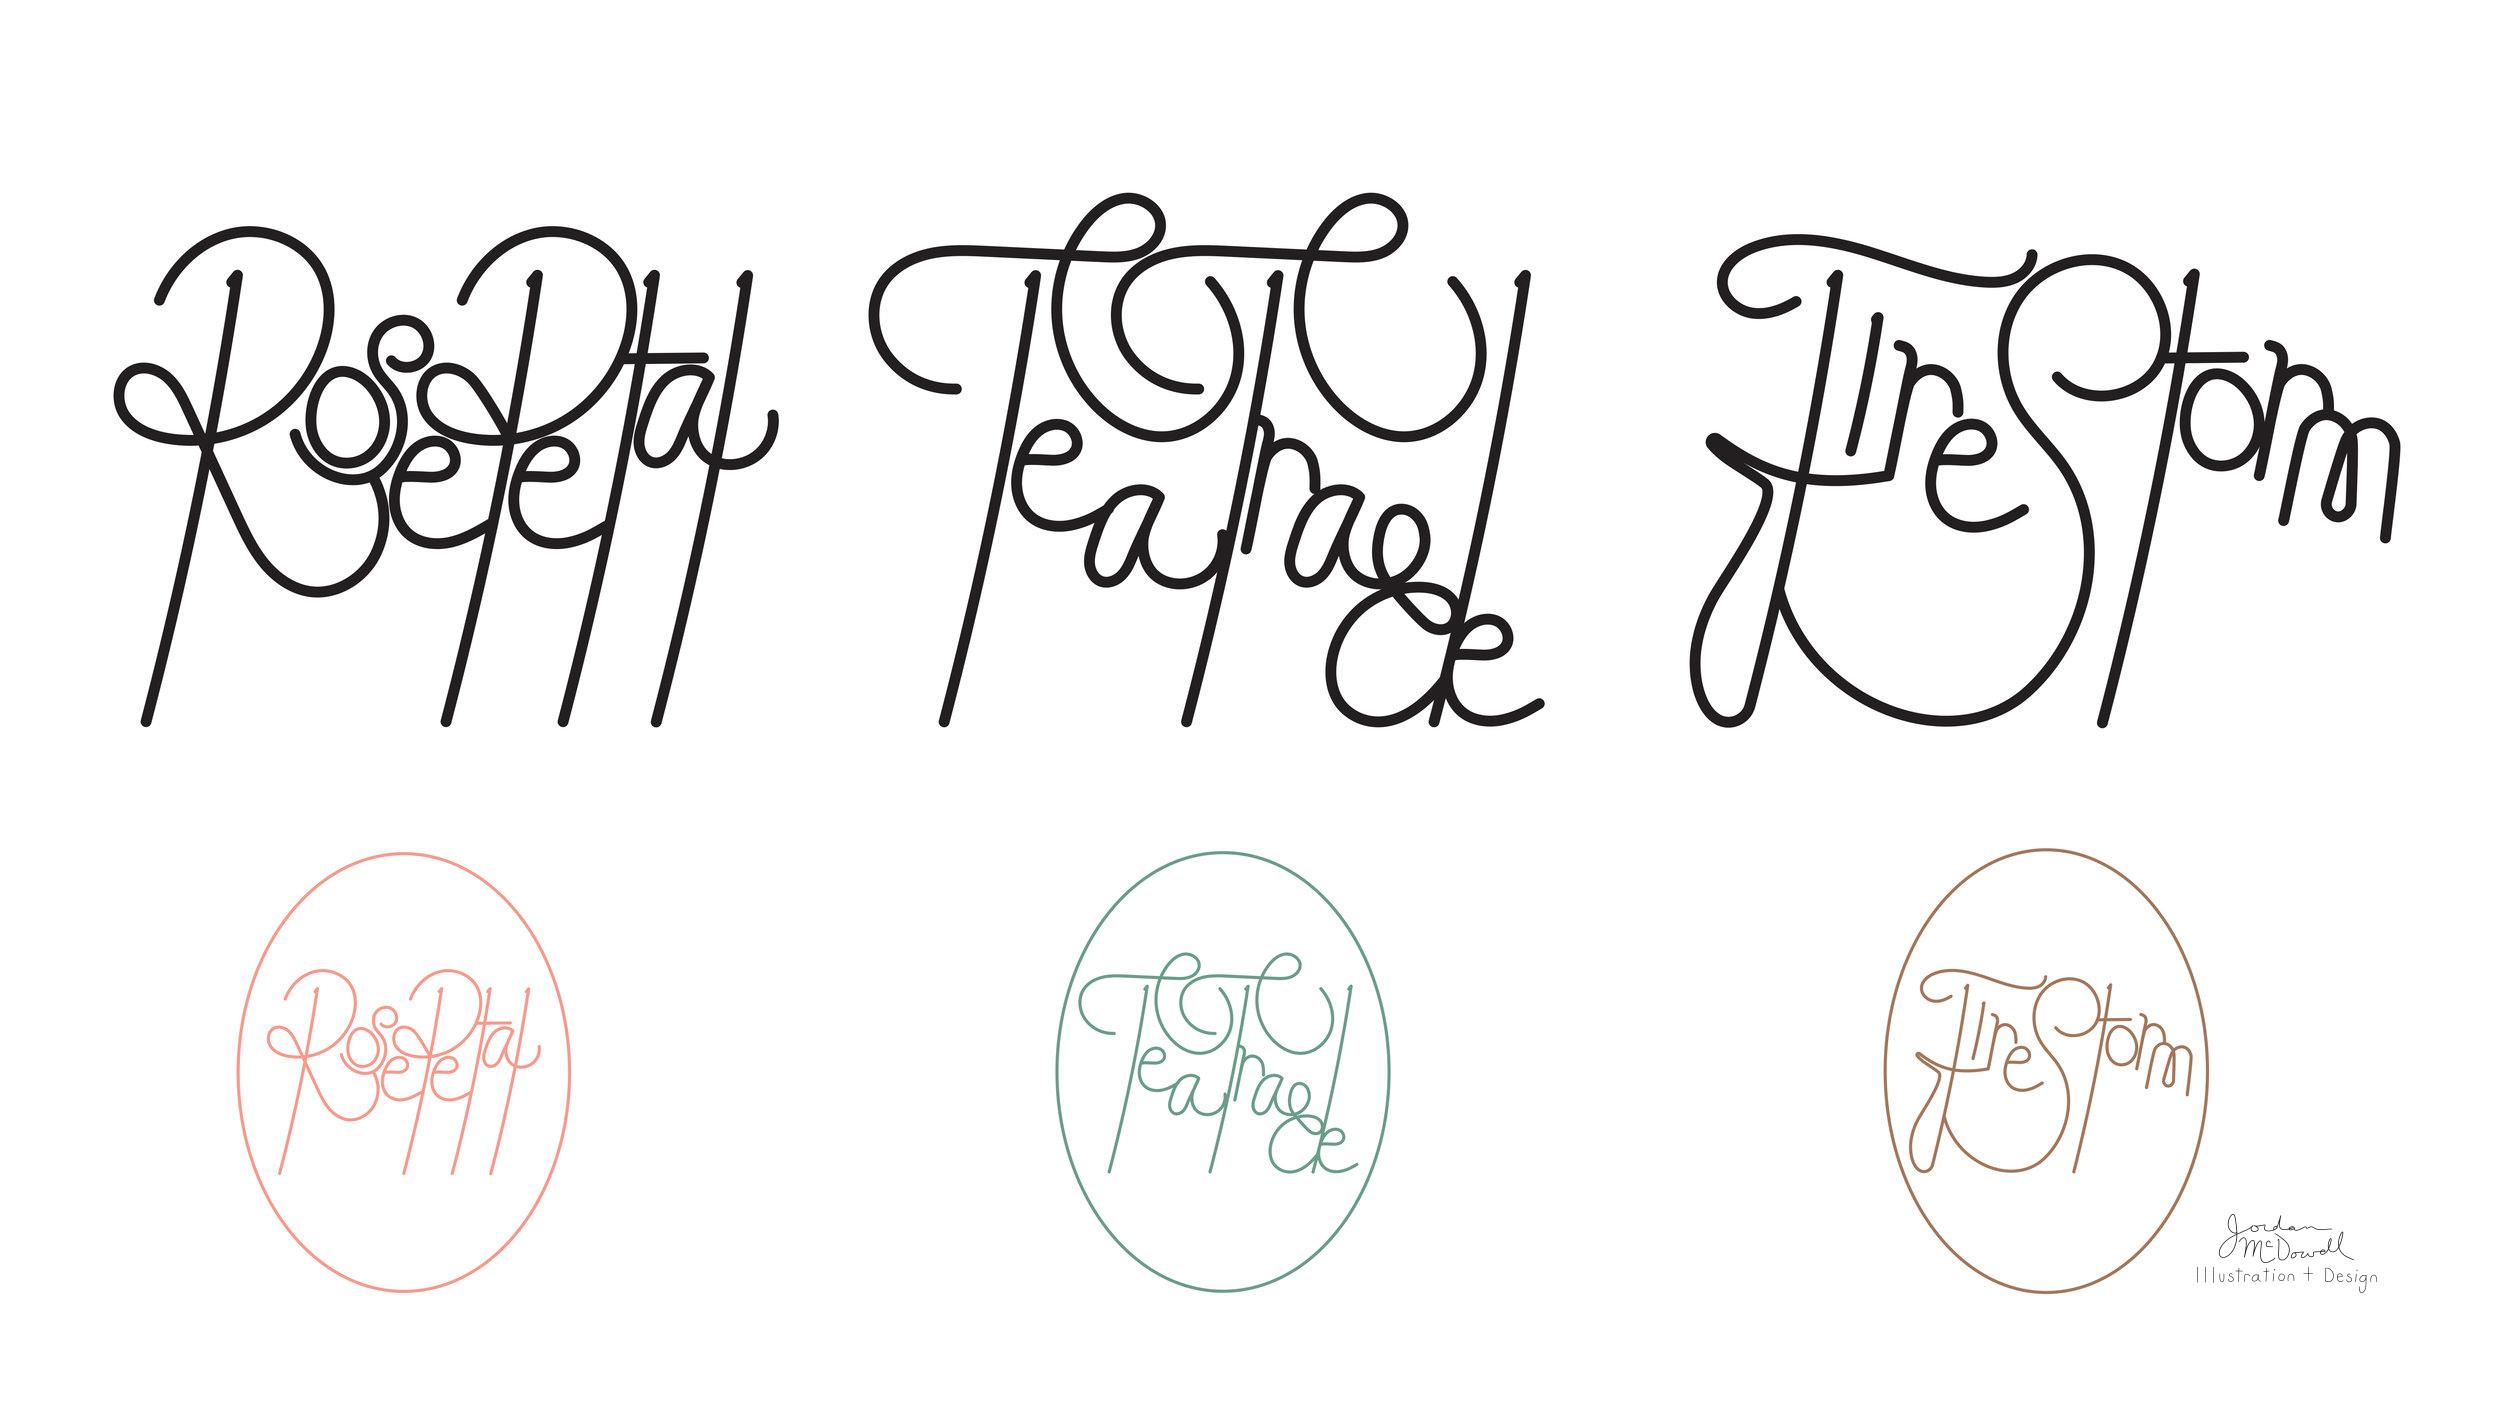 custom lettering design jordan mcdowell.jpg